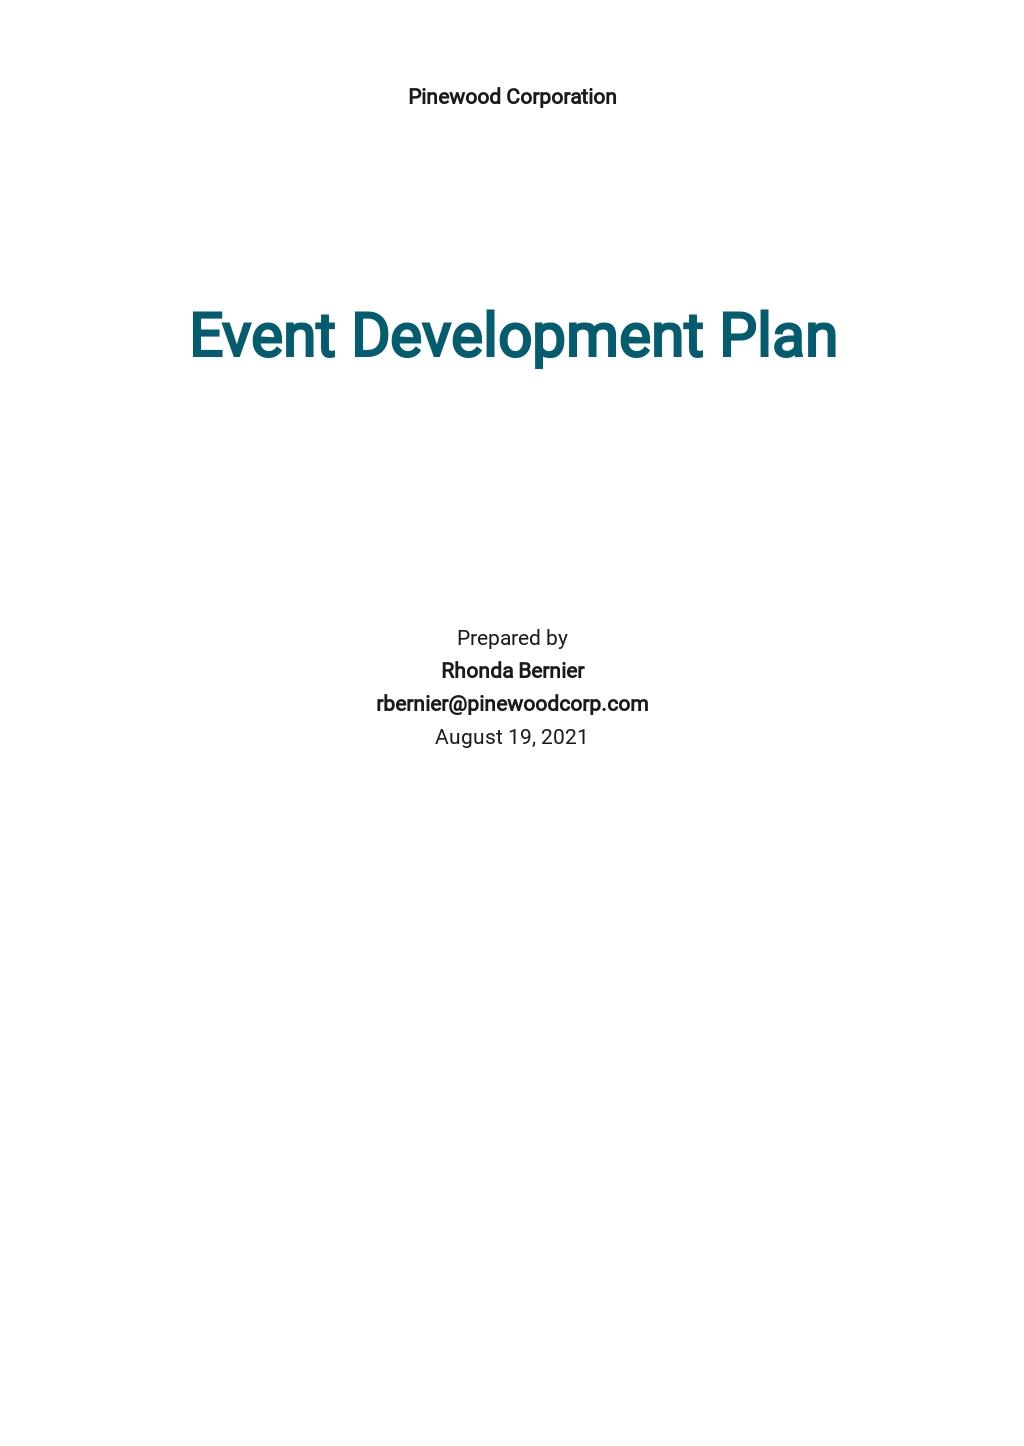 Event Development Plan Template.jpe